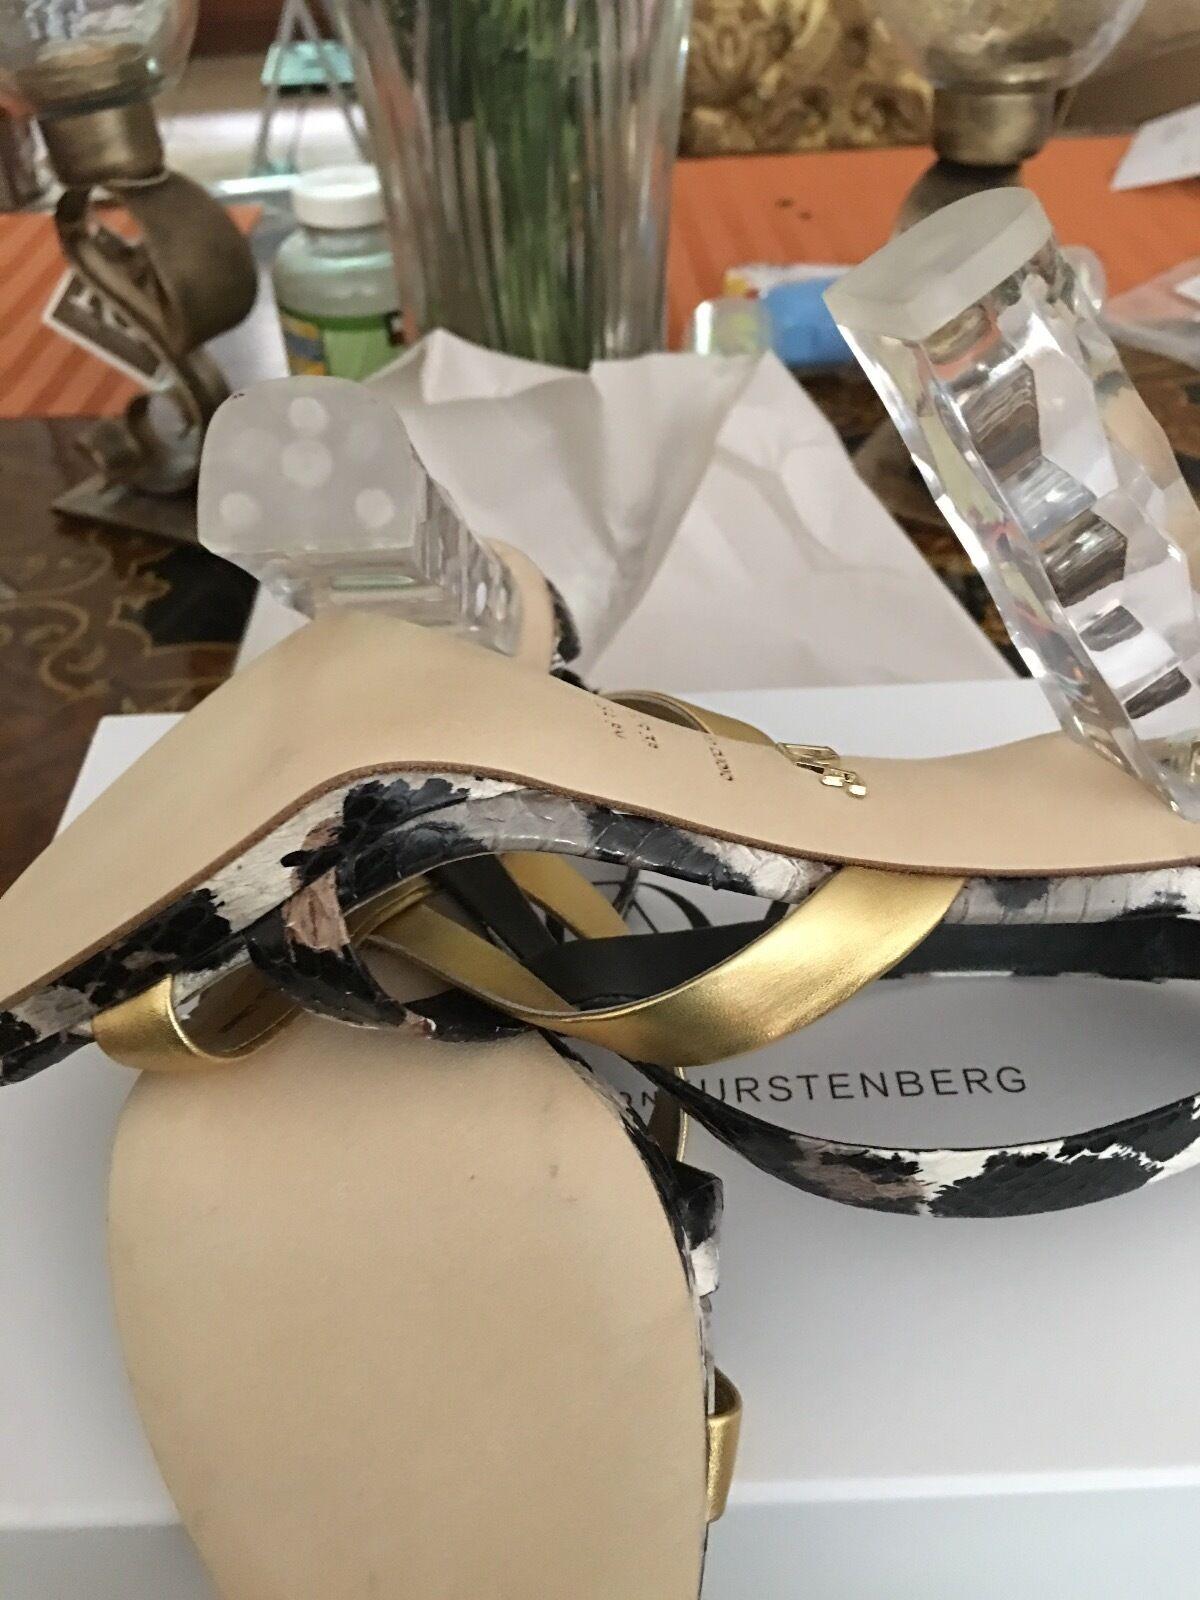 Diane Von Furstenberg MINORISTA Ibiza Lucite pista Talón. precio MINORISTA Furstenberg   348 d655f0